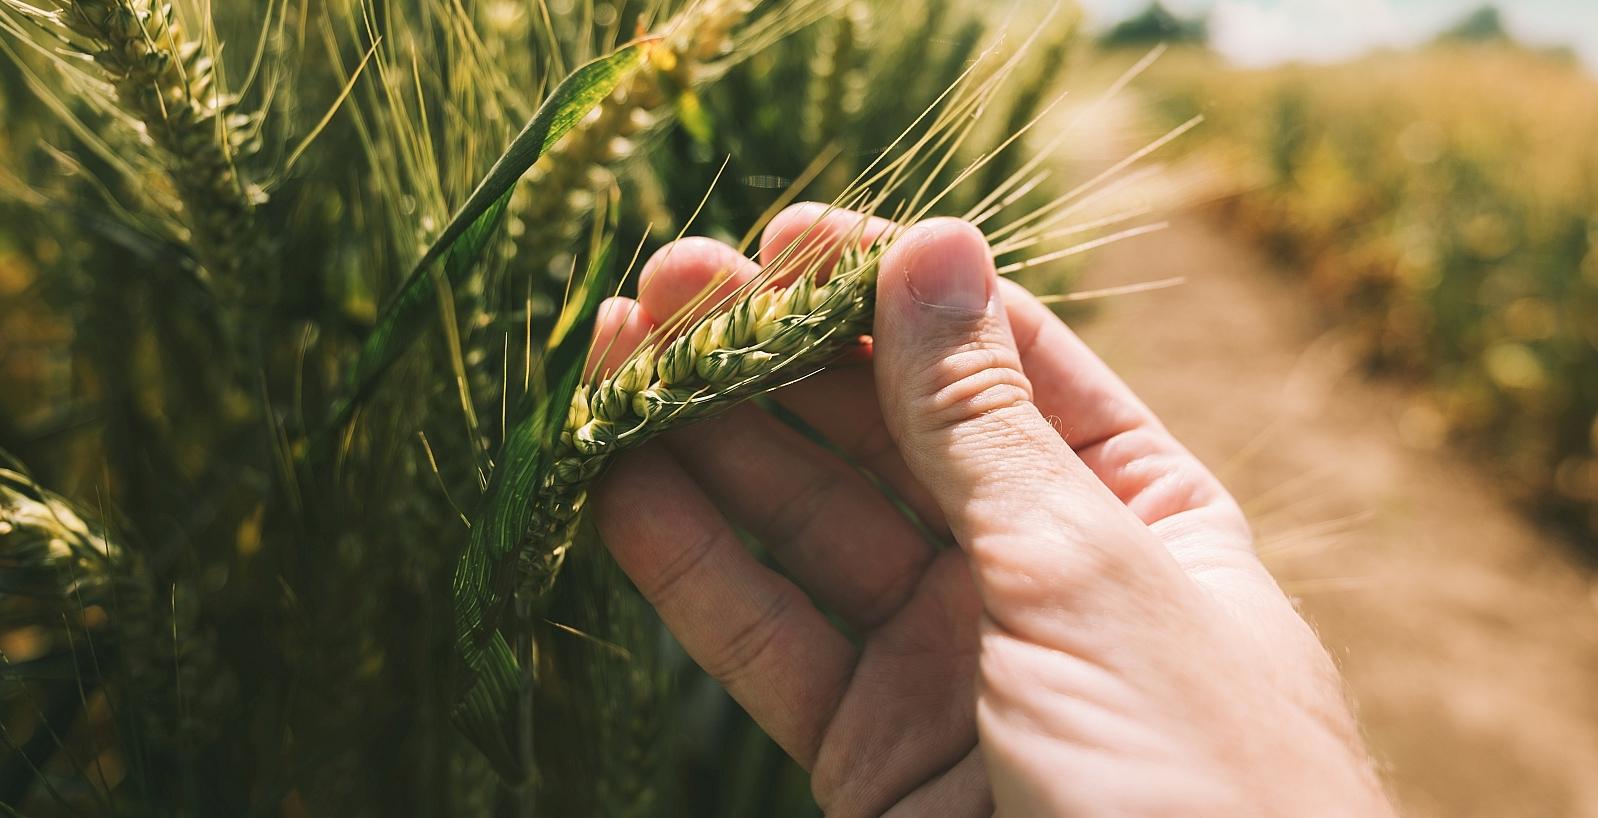 fingers holding grain